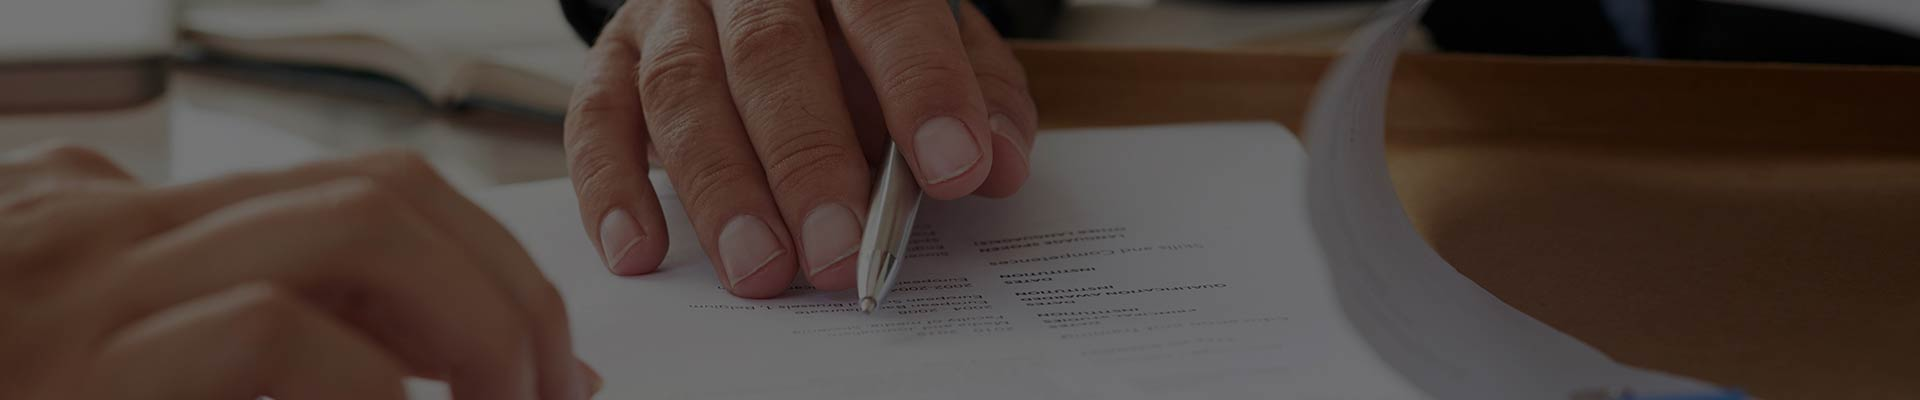 Les offres emplois disponibles pour rejoindre ORA7